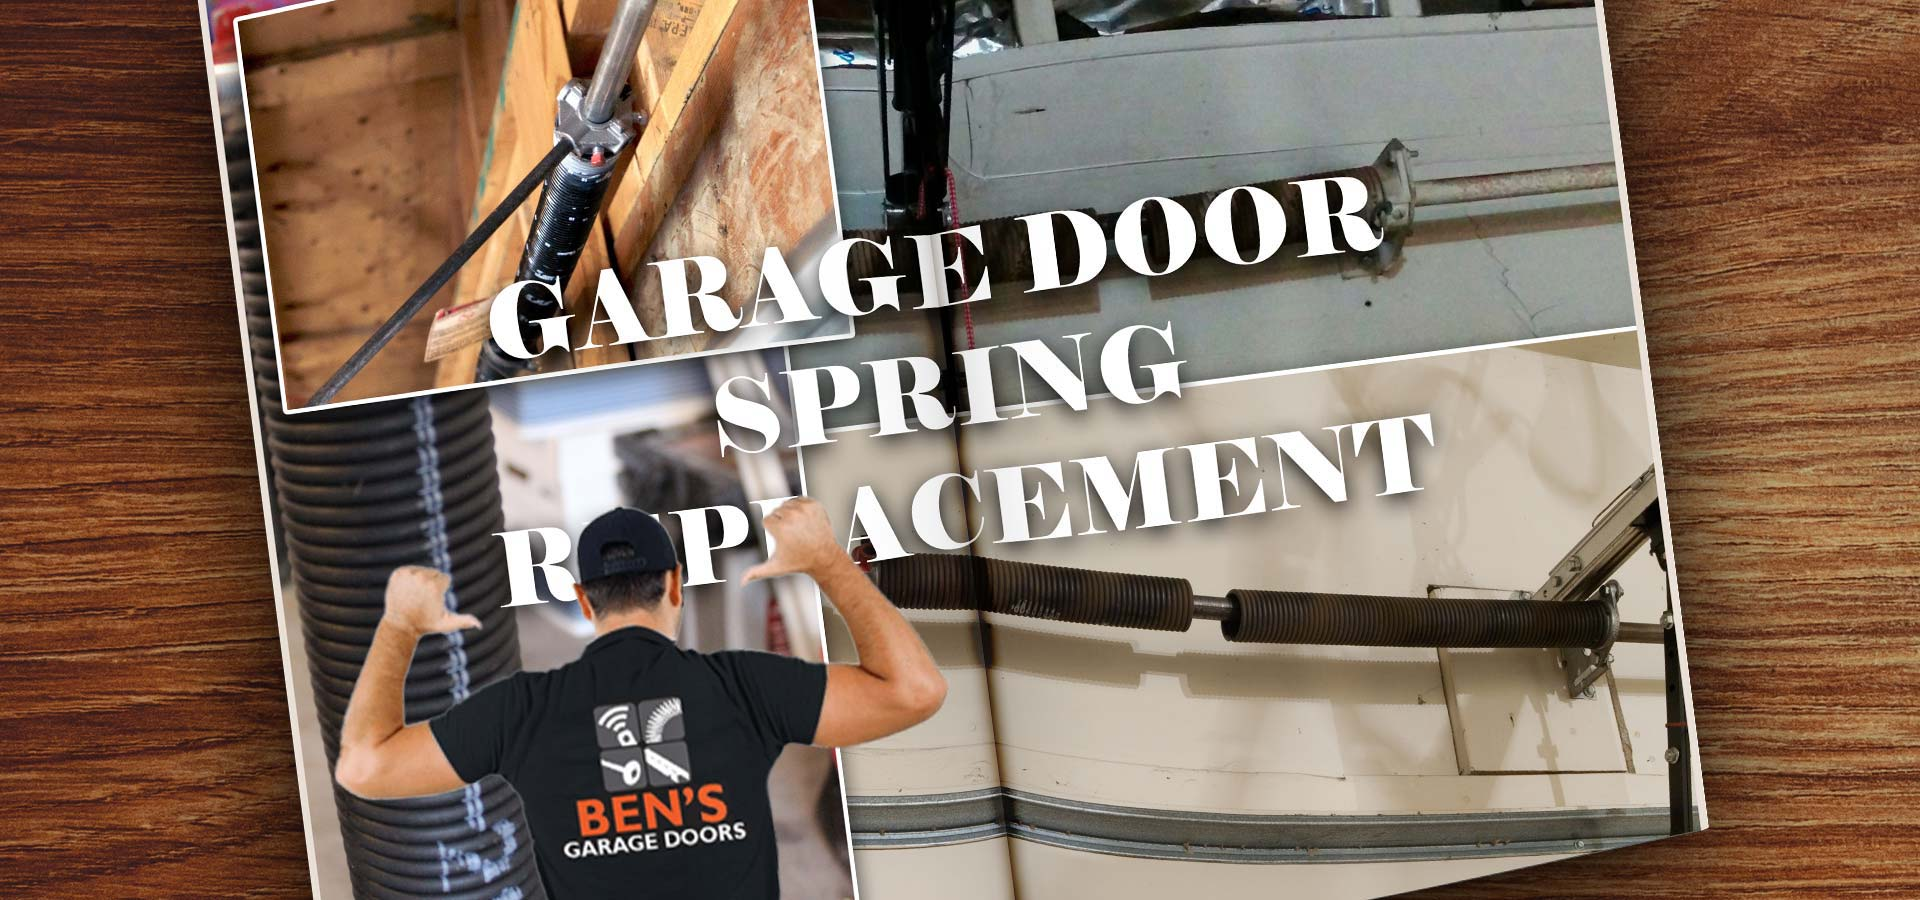 a broken garage door spring replacement